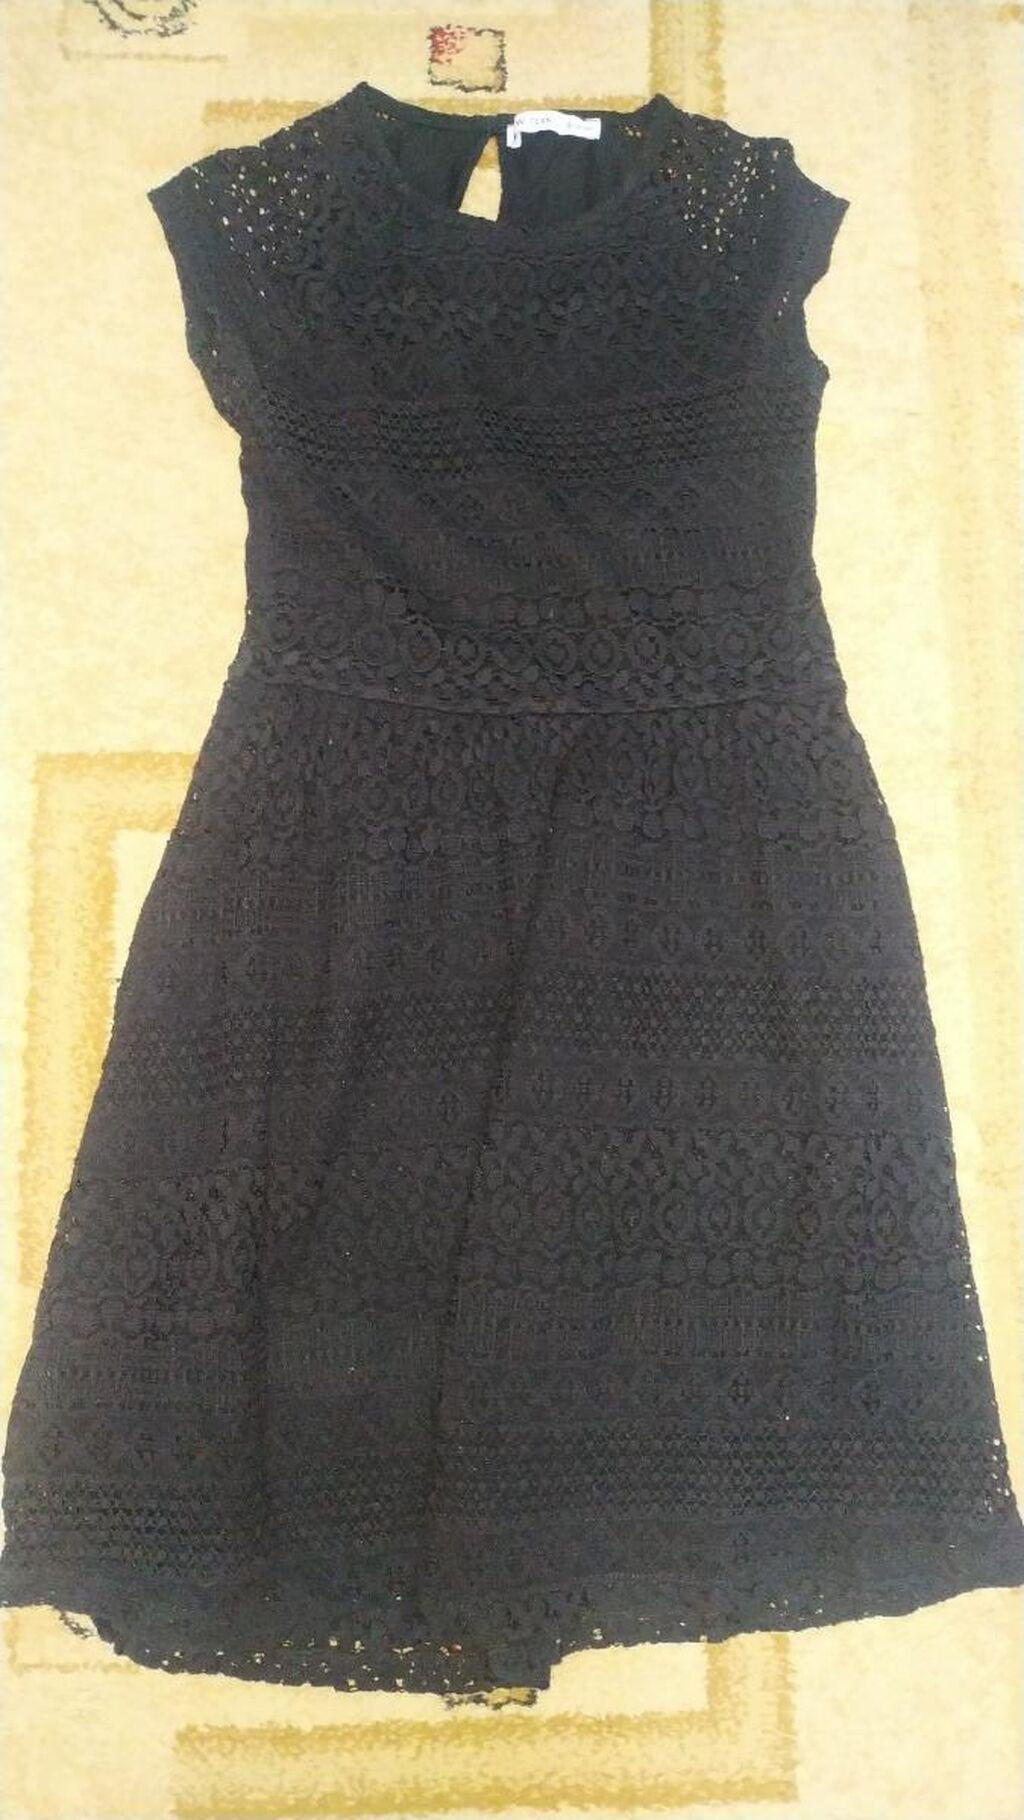 Платье на подростка, на 9-12 лет, в зависимости от телосложения ребенка